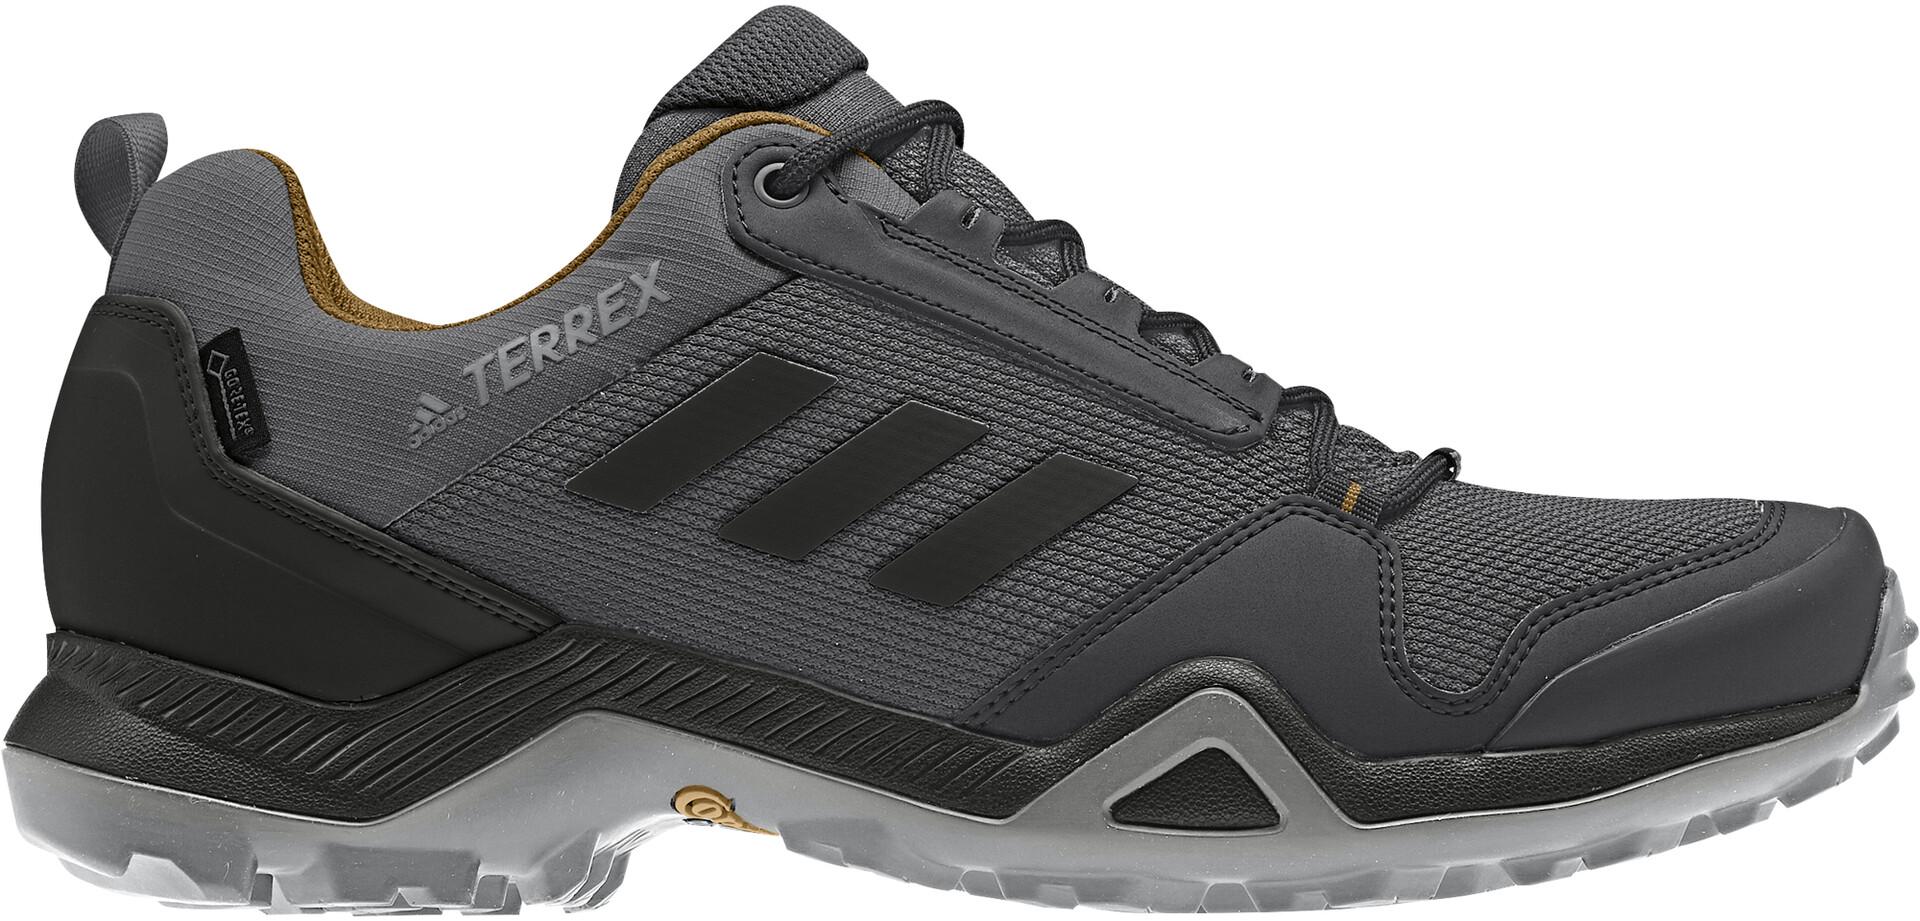 adidas TERREX AX3 Gore Tex Vandresko Vandtæt Herrer, grey fivecore blackmesa